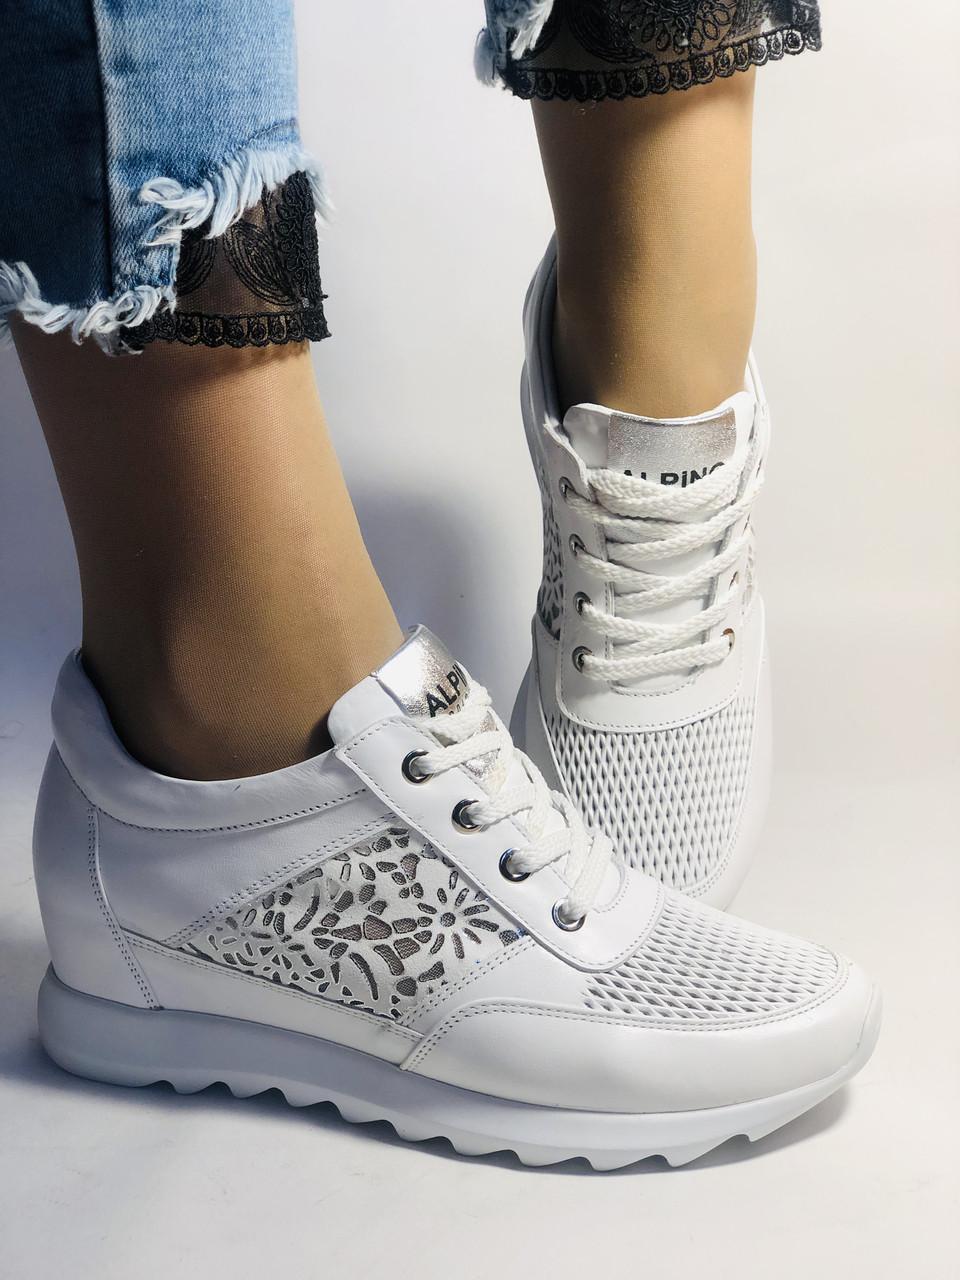 Alpino. Женские кроссовки белые.Натуральная кожа. Размер  38.40 Турция. Vellena